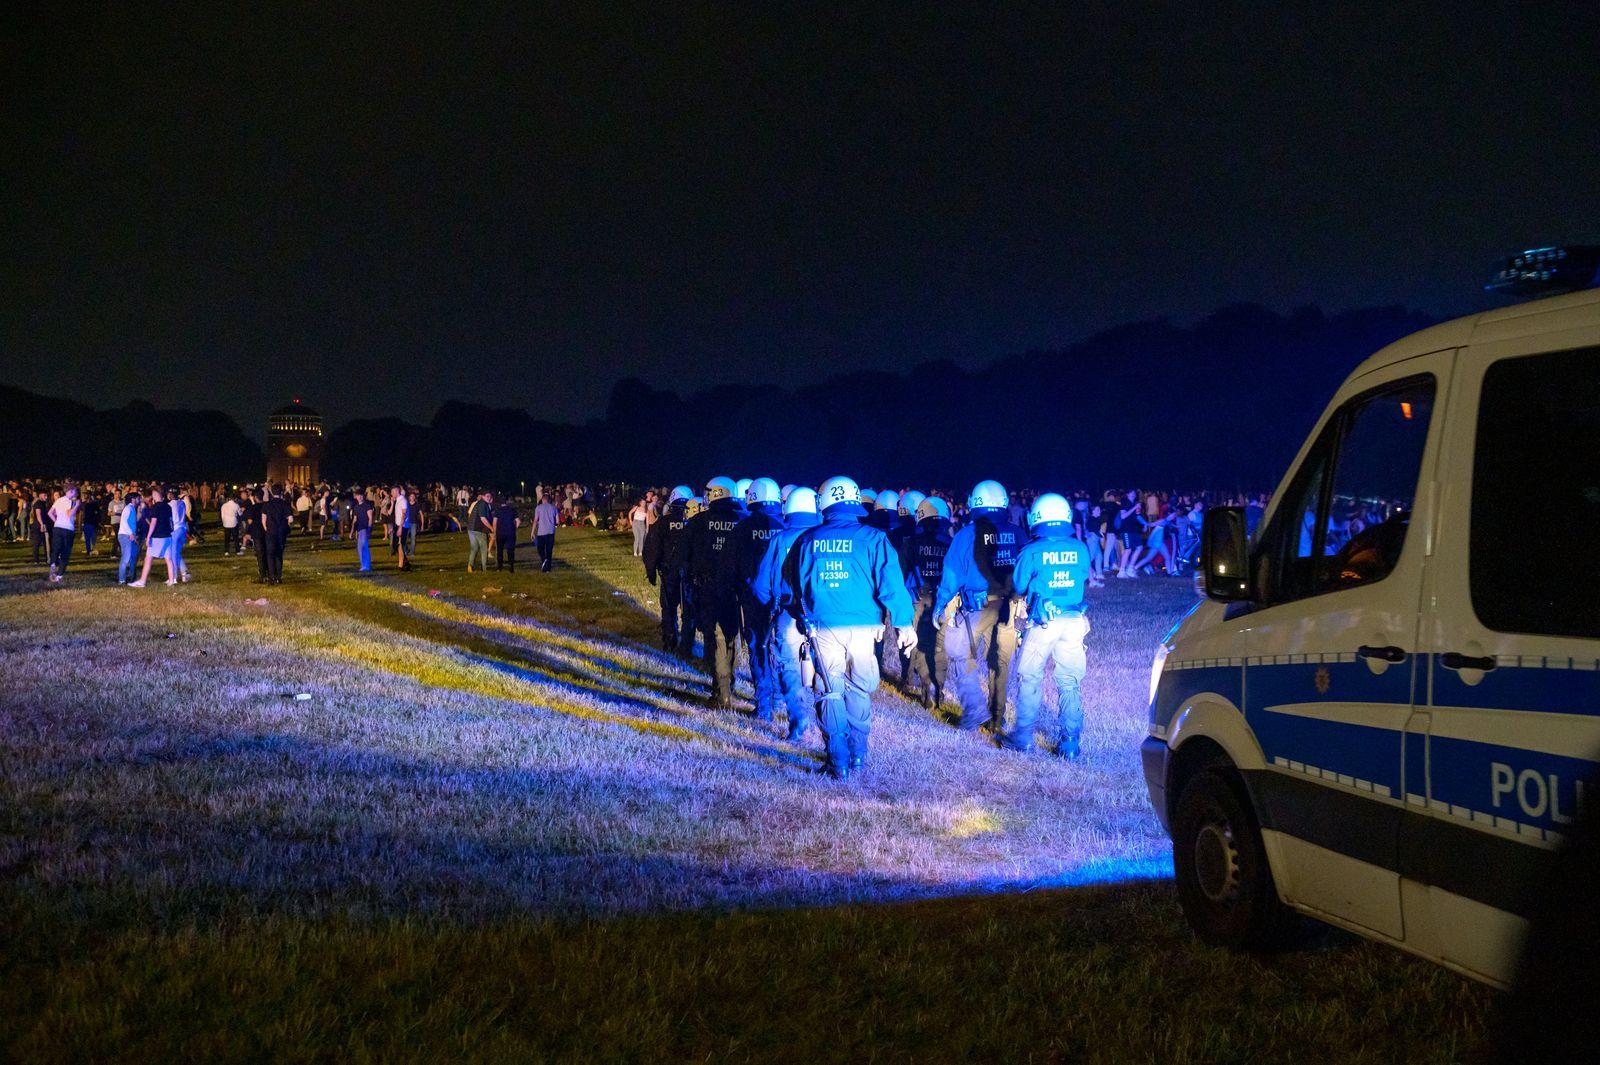 Polizei räumt Party - Hamburg